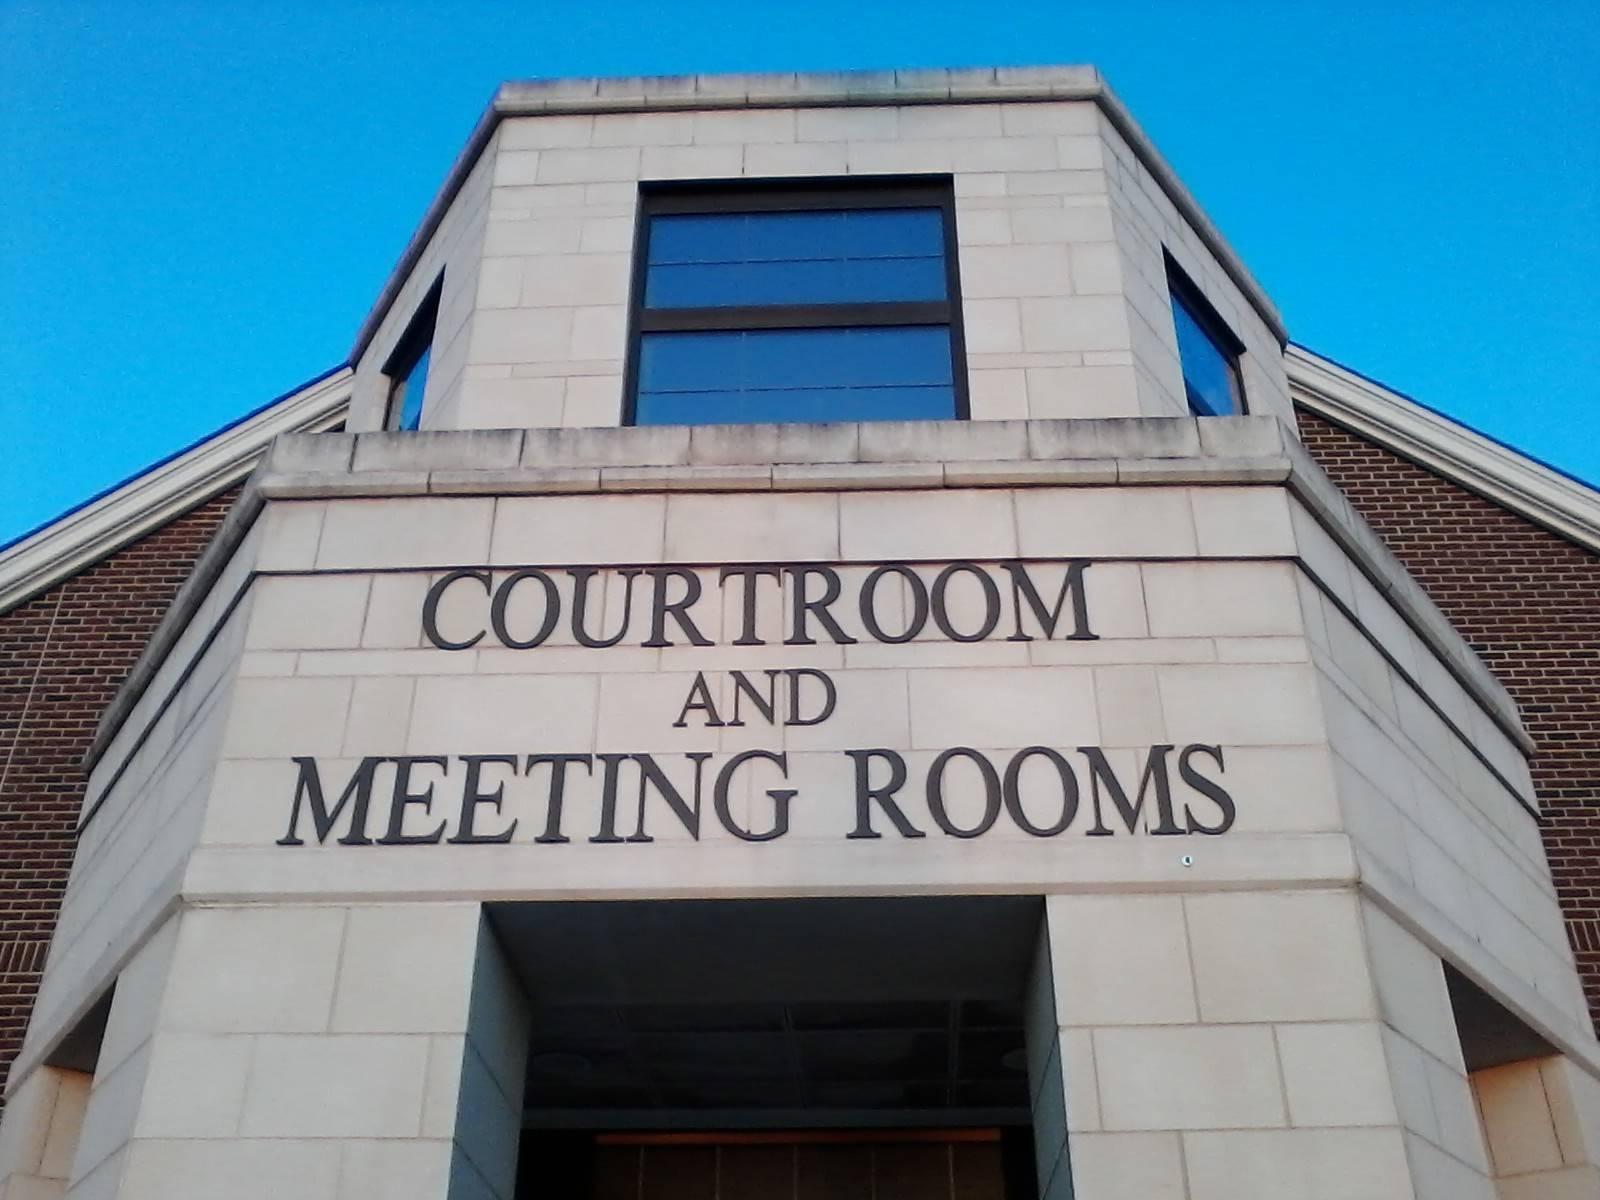 6cfc307ea02387196ae9_bridgewater_courtroom.jpg